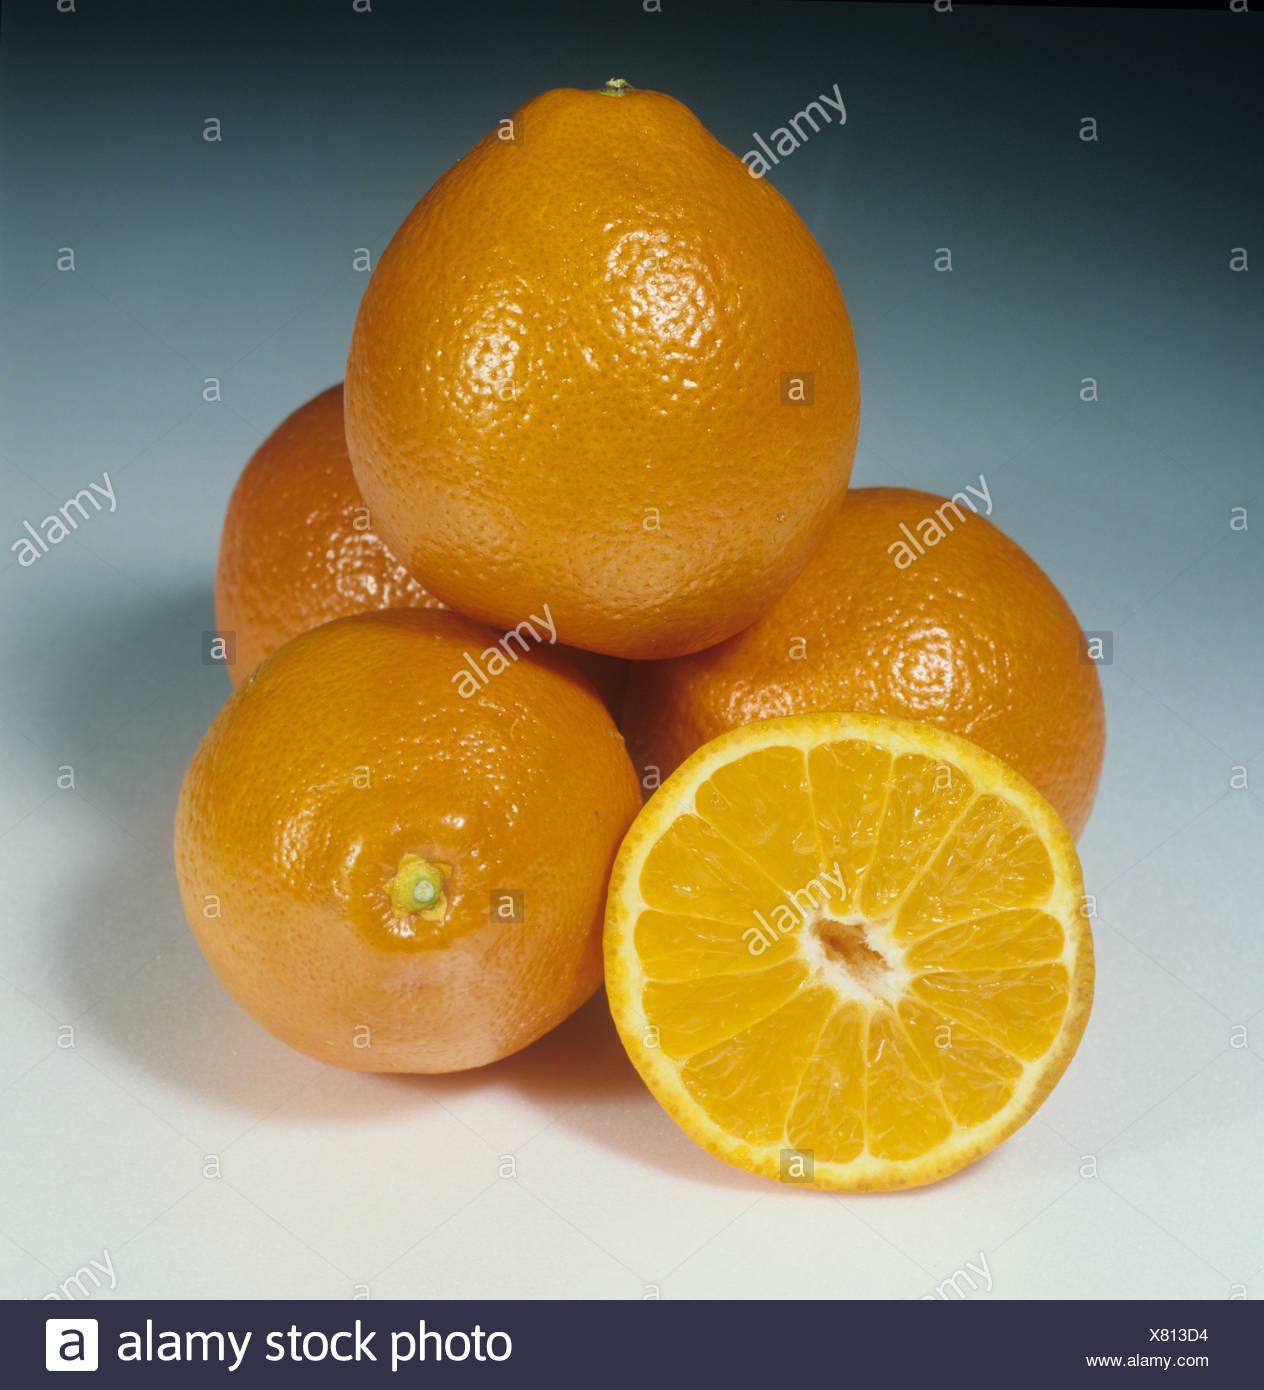 Whole and sectioned orange fruit variety Mineola Tangelo - Stock Image